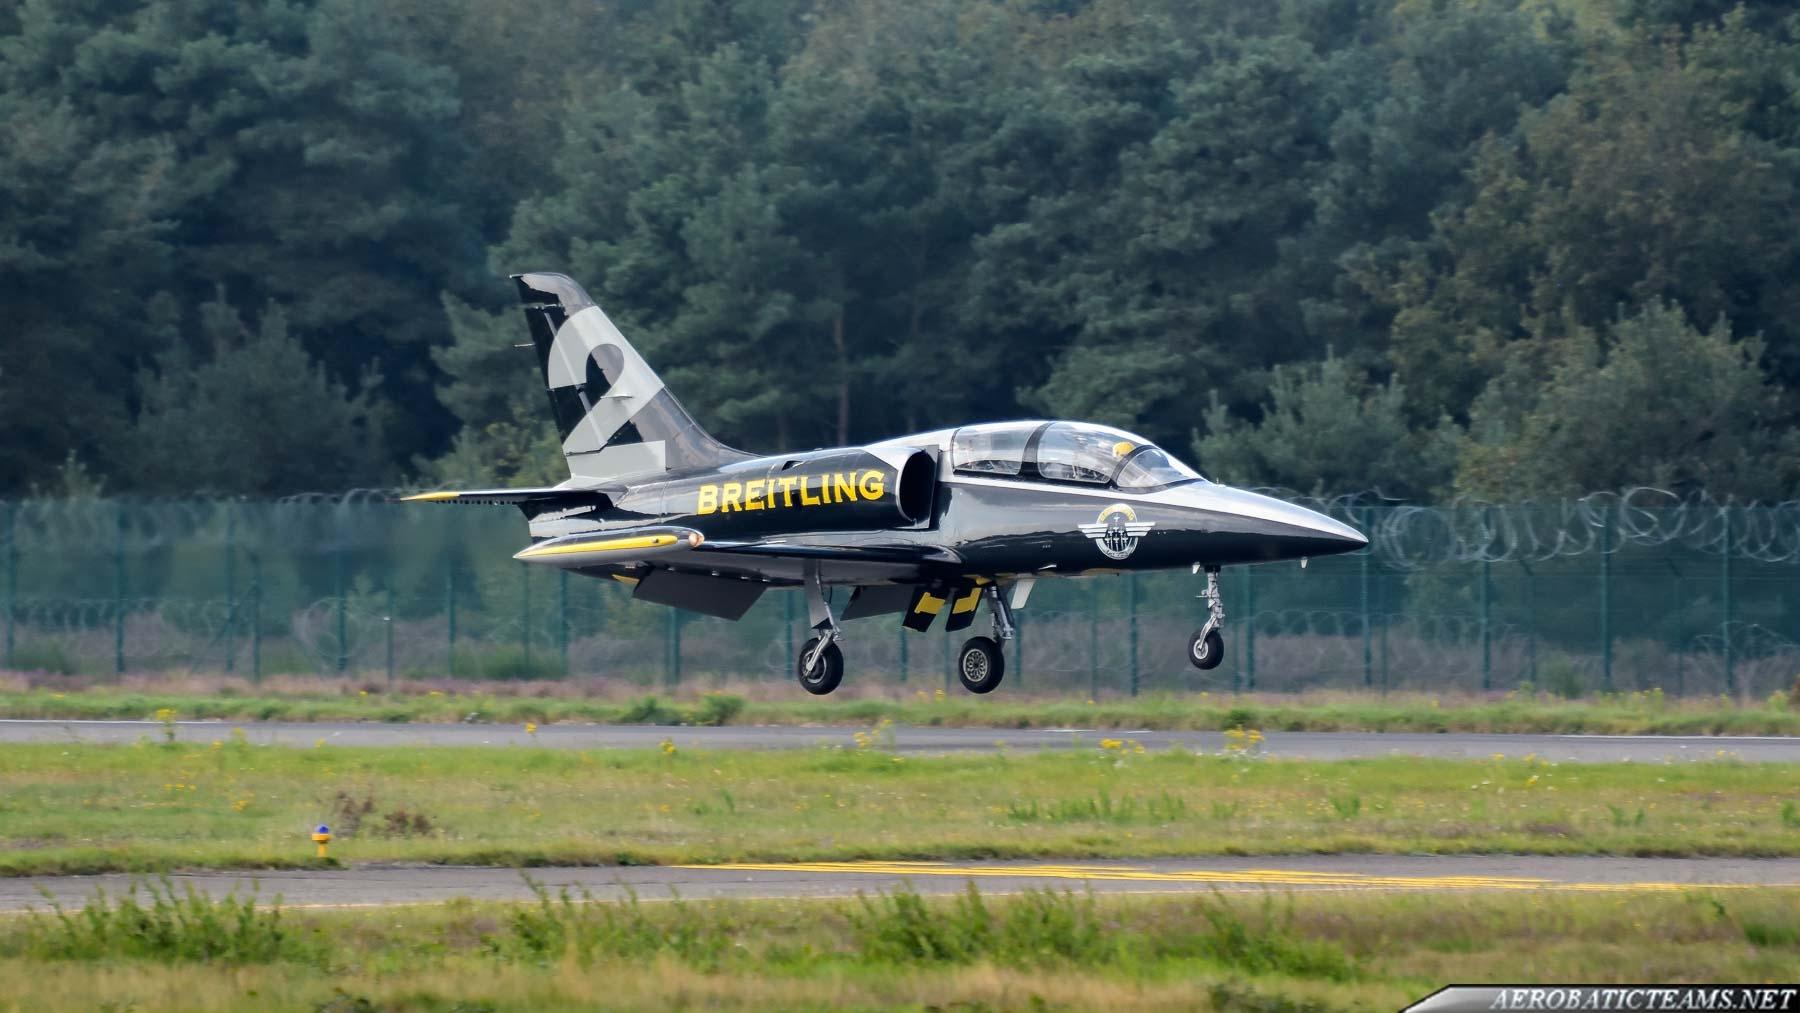 Breitling Jet Team #2 aircraft